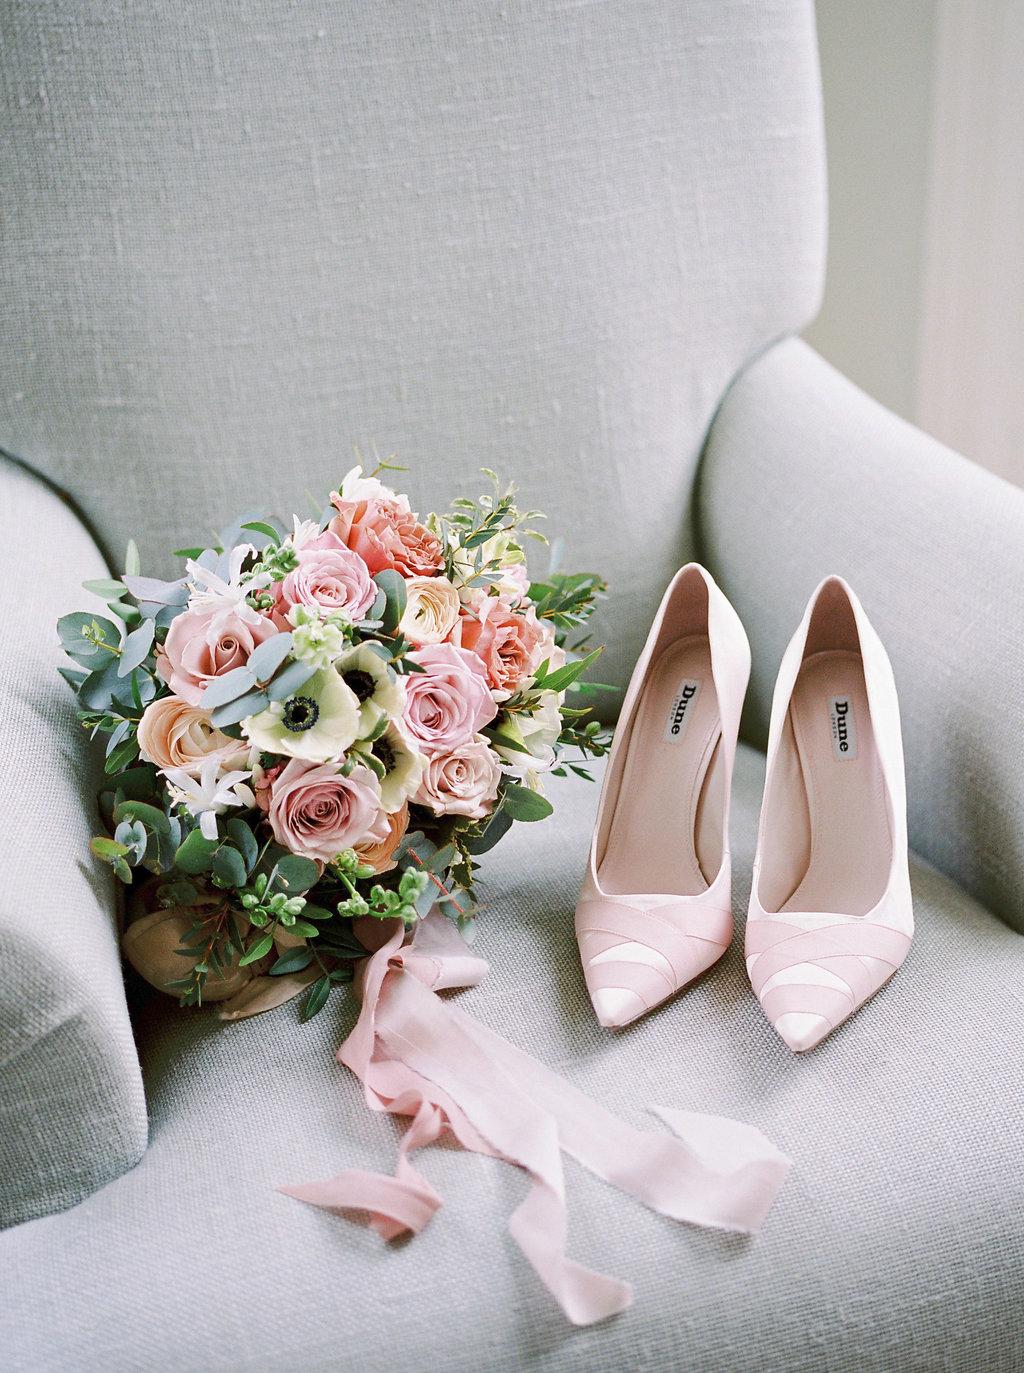 92d8244c6551 Naomi Neoh Wedding Dress For Blush Pink Ballet Inspired Shoot At ...